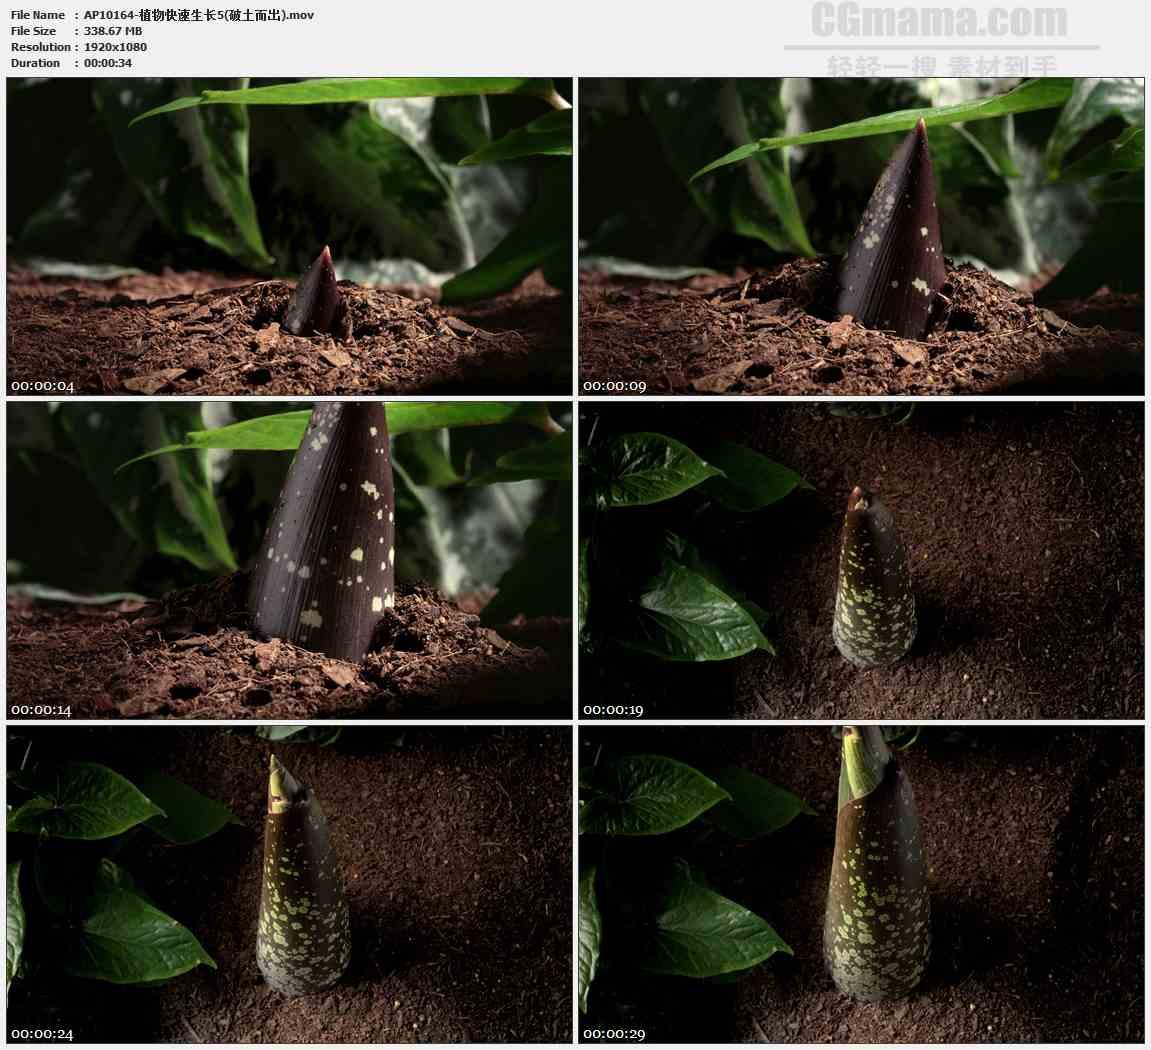 AP10164-竹笋破土而出快速生长高清实拍视频素材